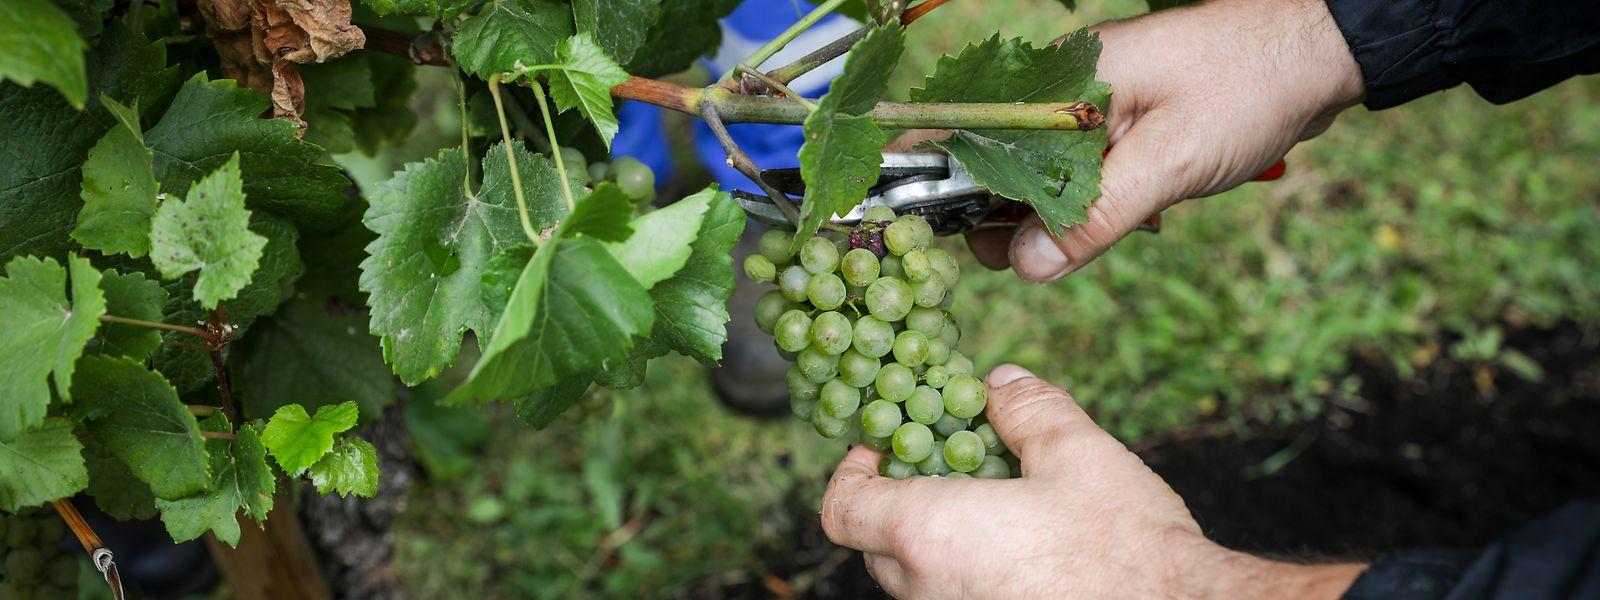 La principale crainte des acteurs du secteur viticole pour les vendanges 2021 tient encore une fois aux effets potentiels de la pandémie sur la présence en nombre de main-d'oeuvre suffisante.